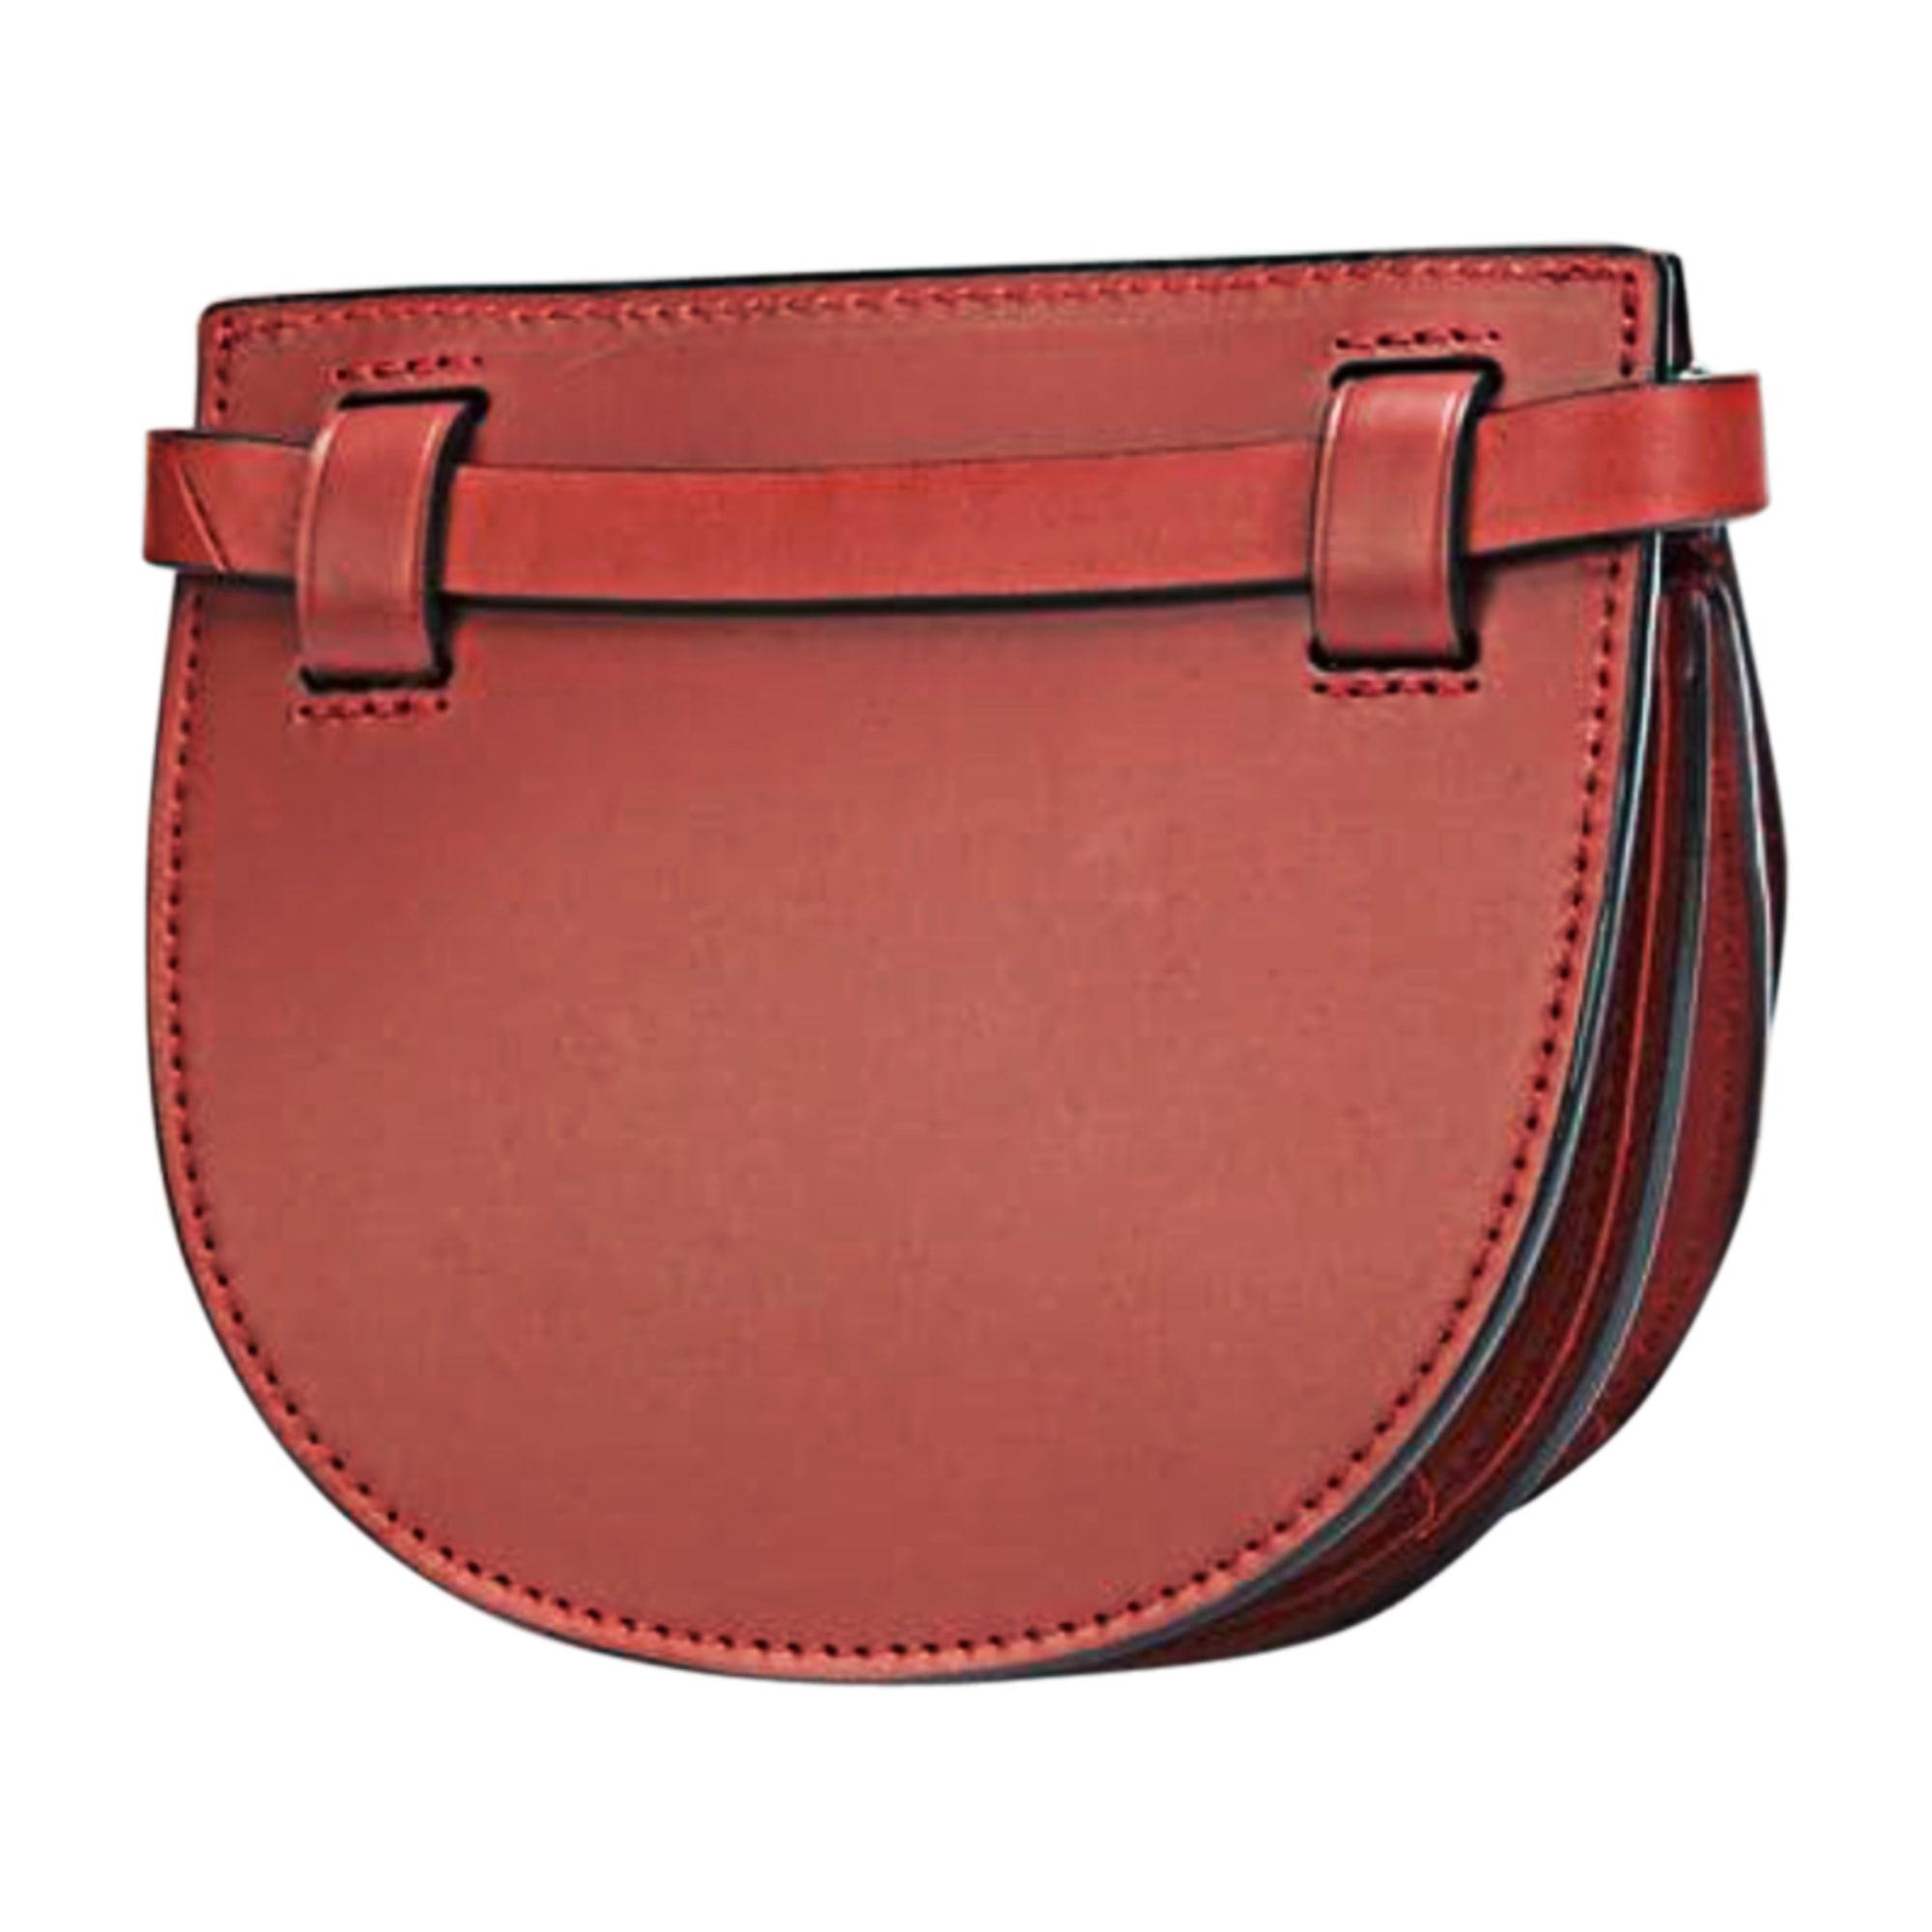 8a2cc4b822 Sac en bandoulière en cuir 3.1 PHILLIP LIM Rouge, bordeaux